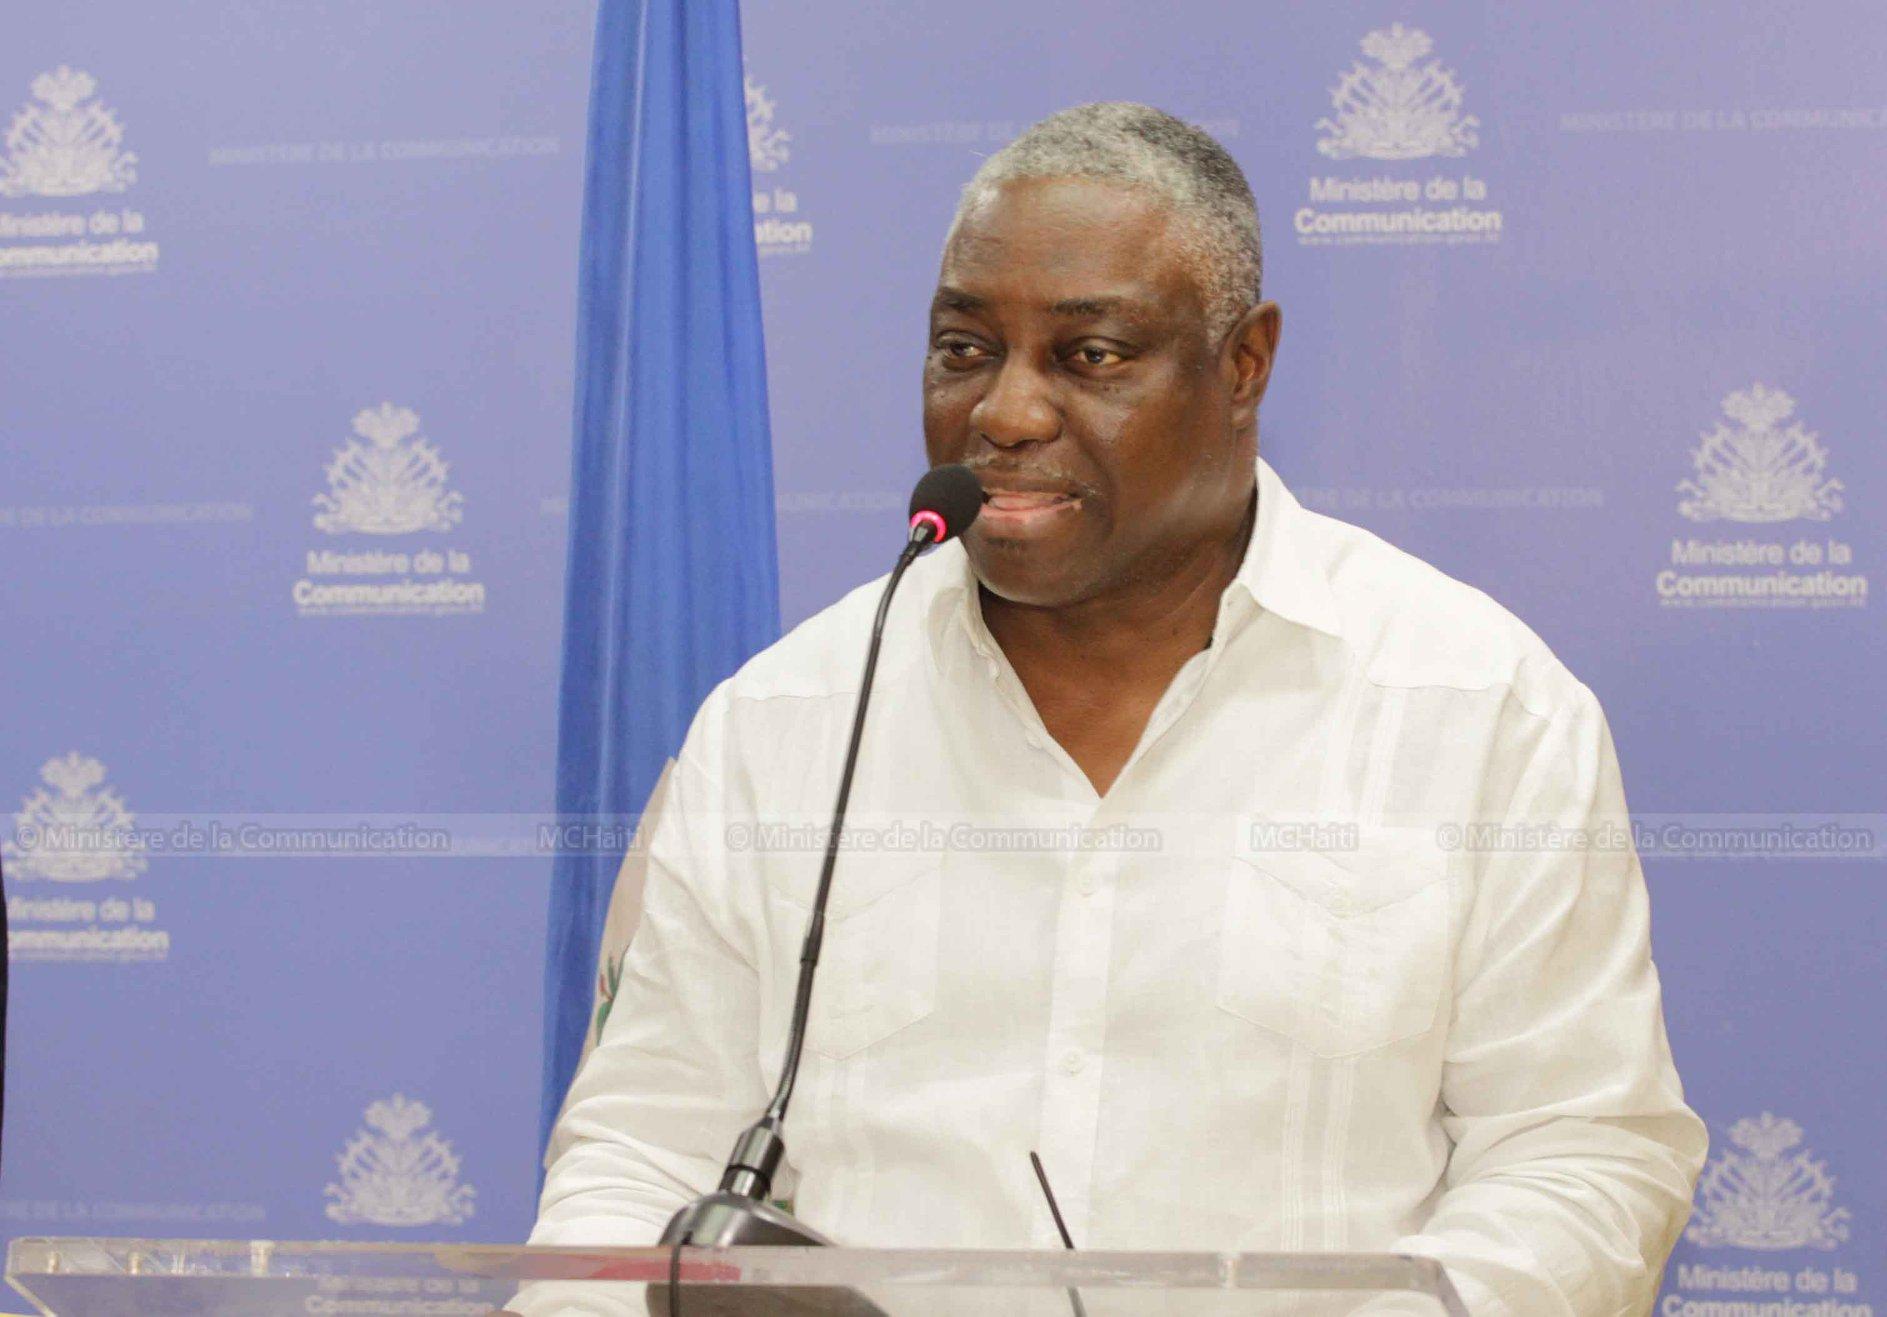 Le Directeur Général de l'Électricité d'État d'Haïti, Hervé Pierre-Louis./Photo: Ministère Communication